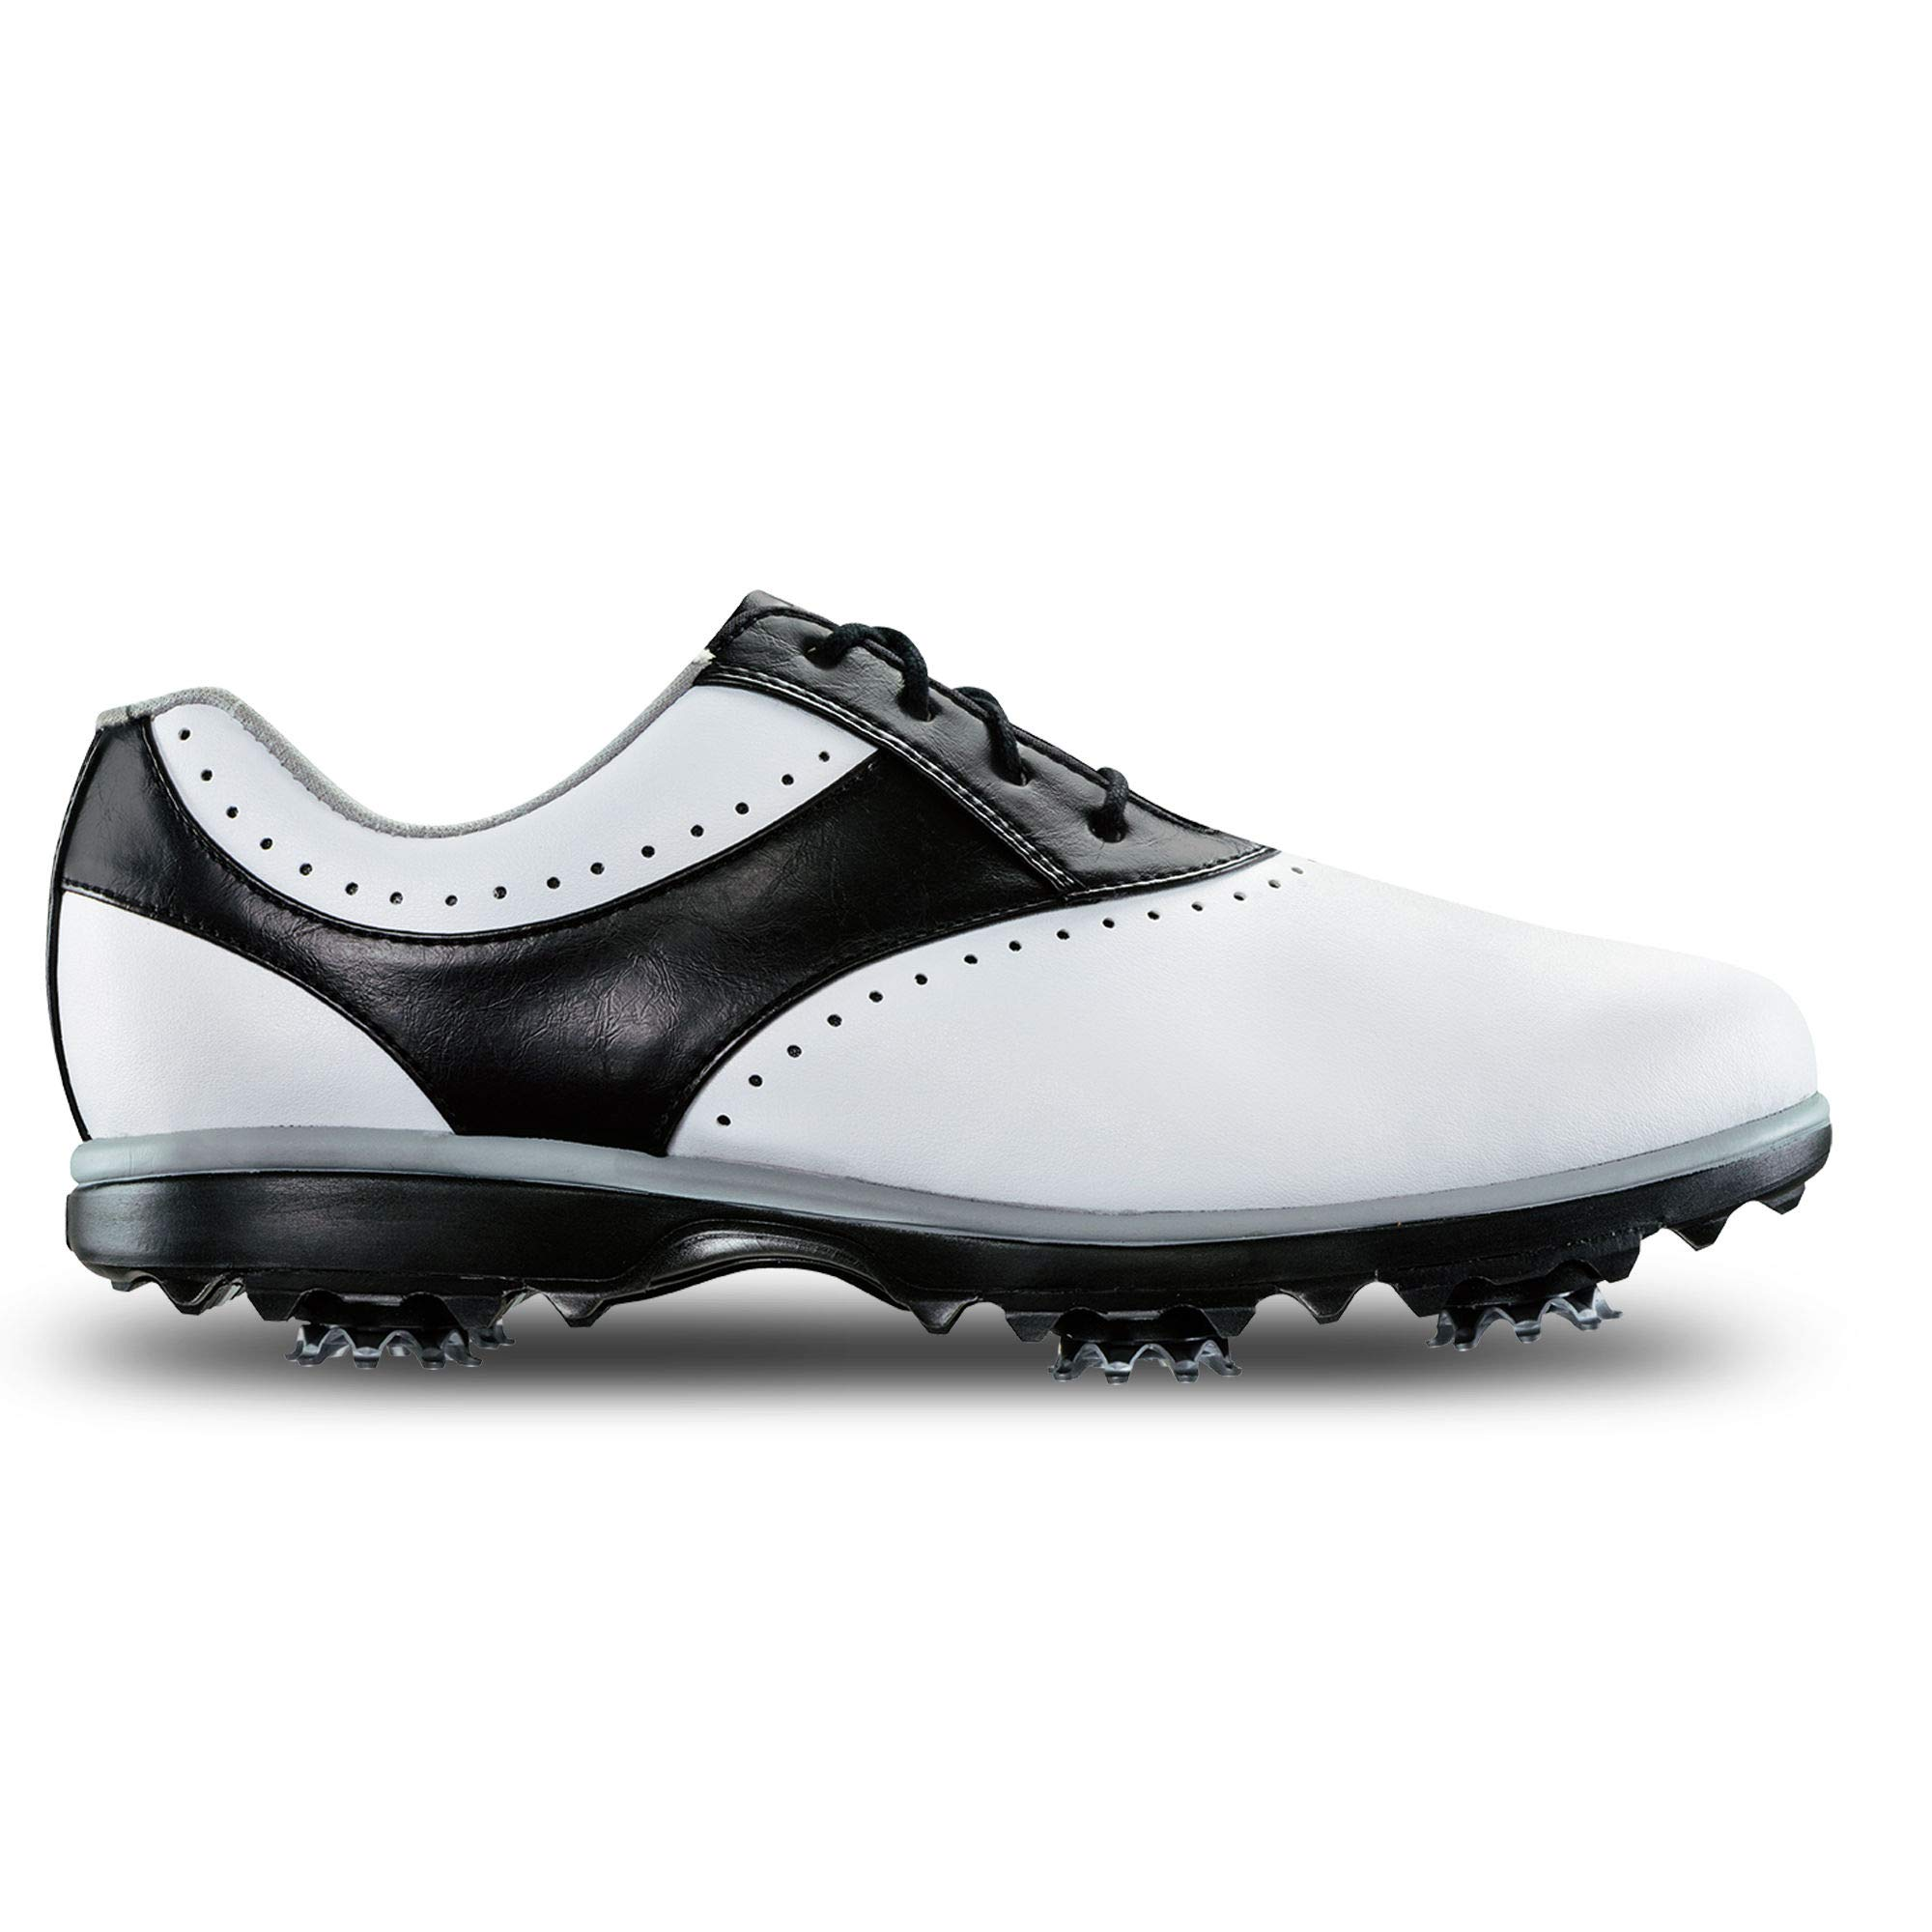 FootJoy Women's Emerge-Previous Season Style Golf Shoes White 7 M Black, US by FootJoy